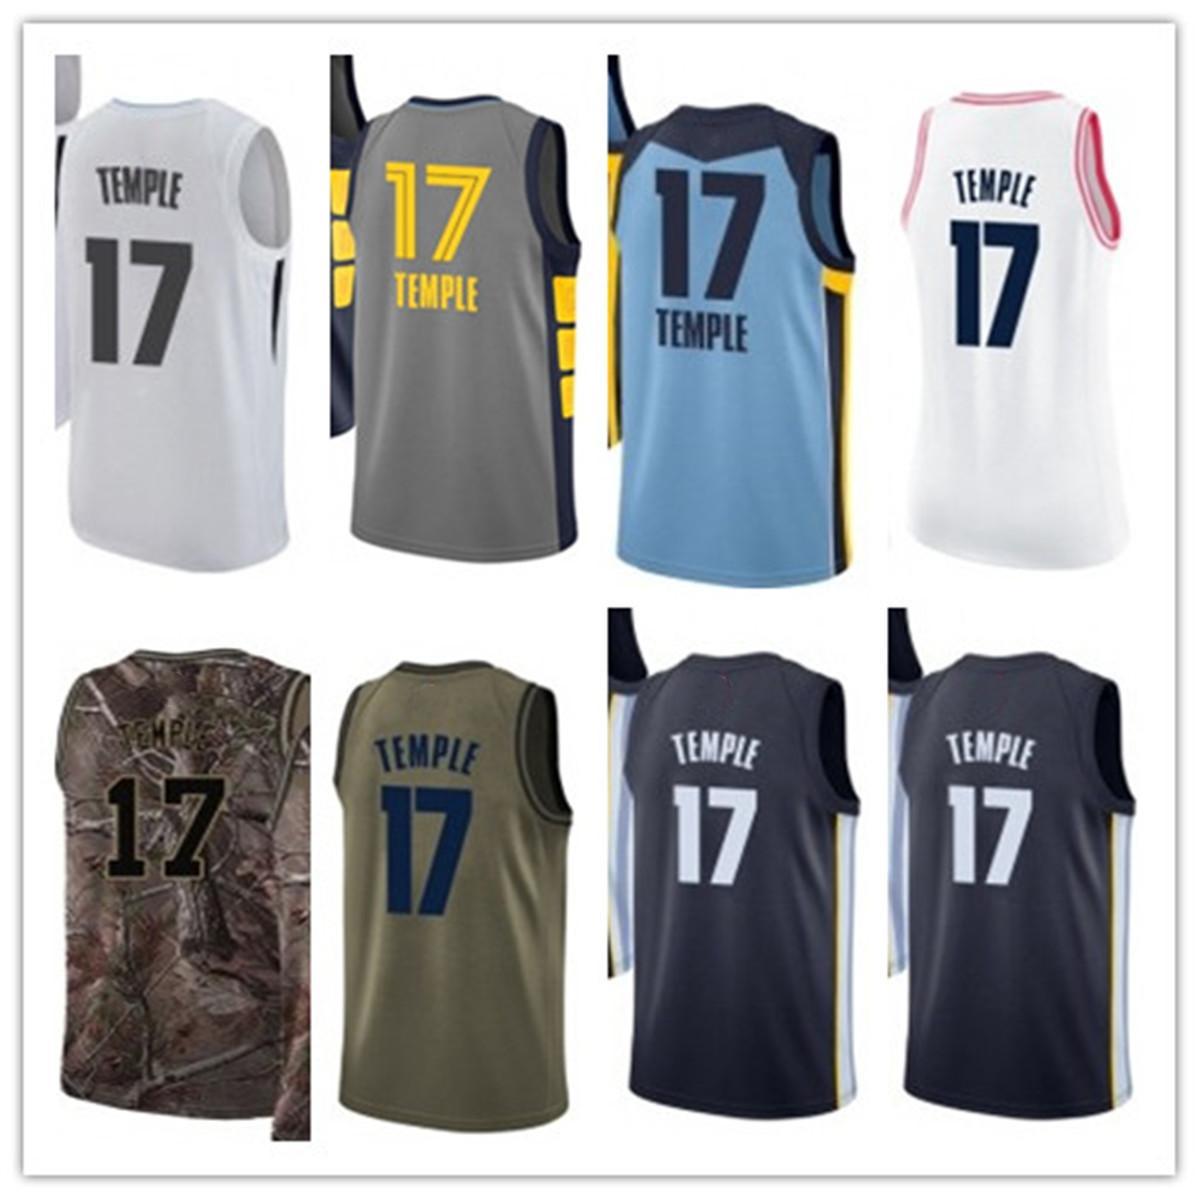 Benutzerdefinierte 2020 Grizzlie-Stil-Trikots Schwarz Weiß Grüne graue Armee Grün 17 GarrettTempel-Basketball-Jersey.